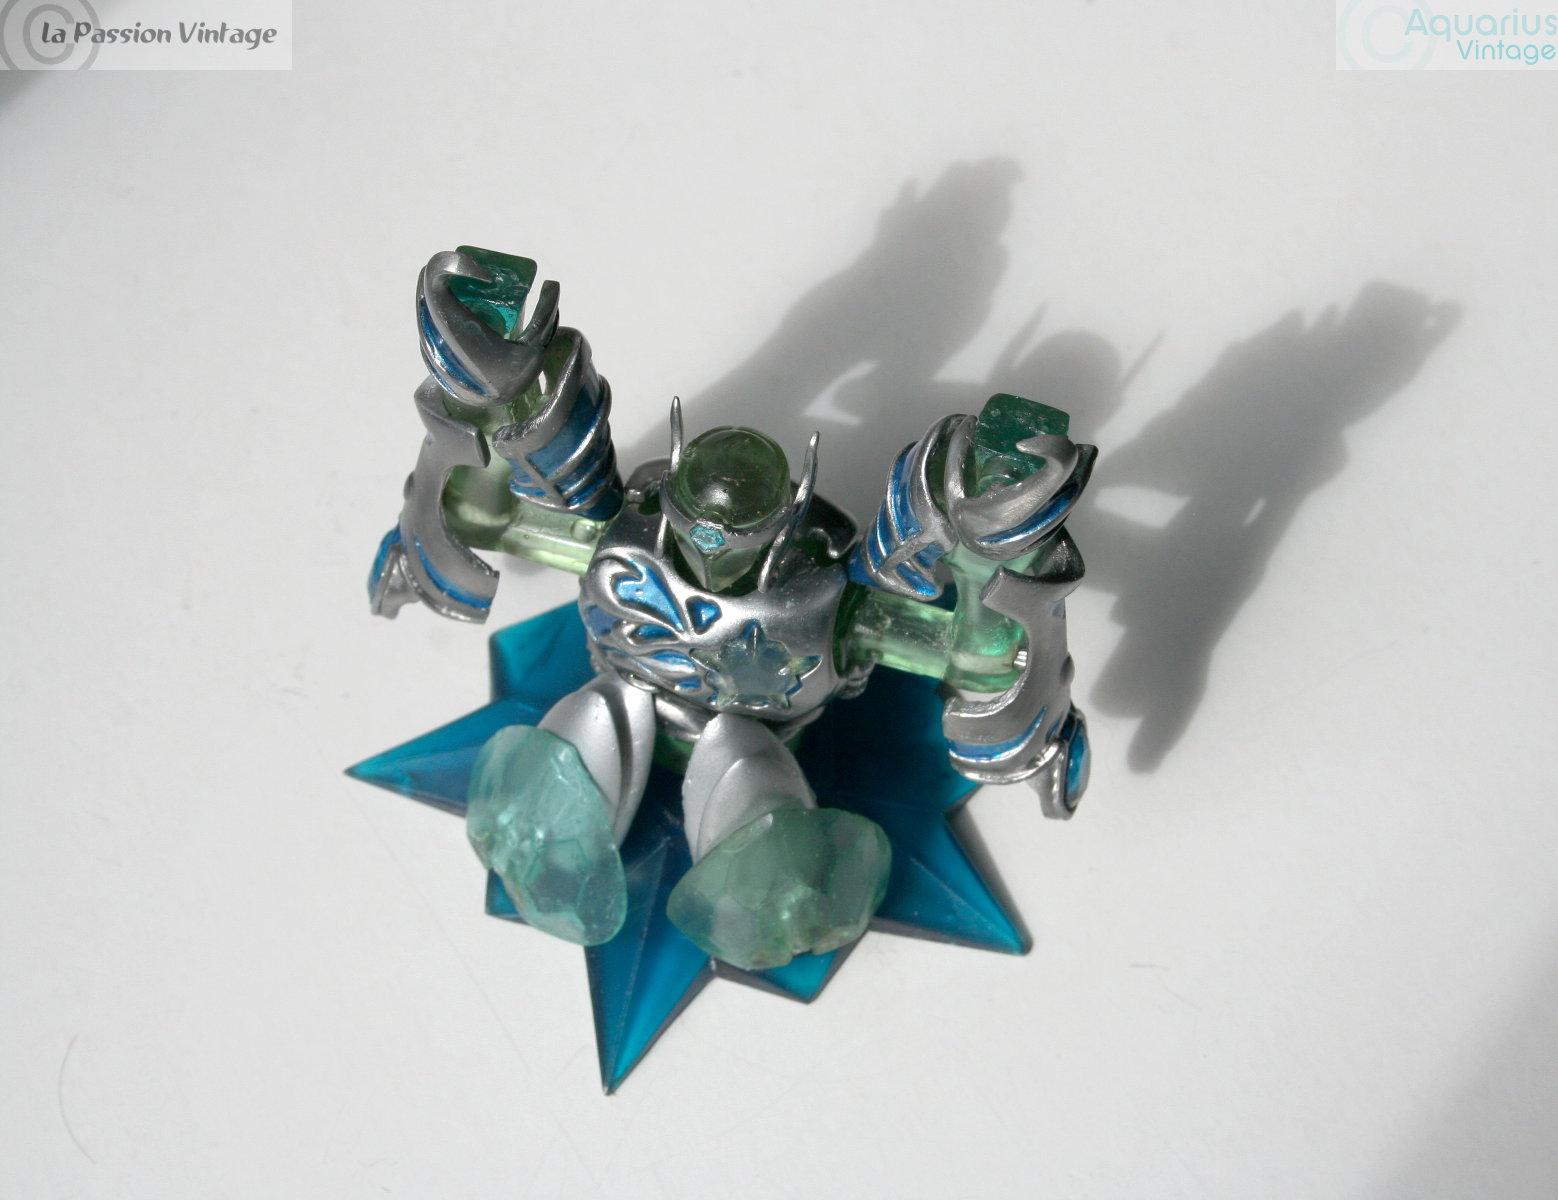 Crystal Saint Vintage Custom by Hikaru84 Crista60